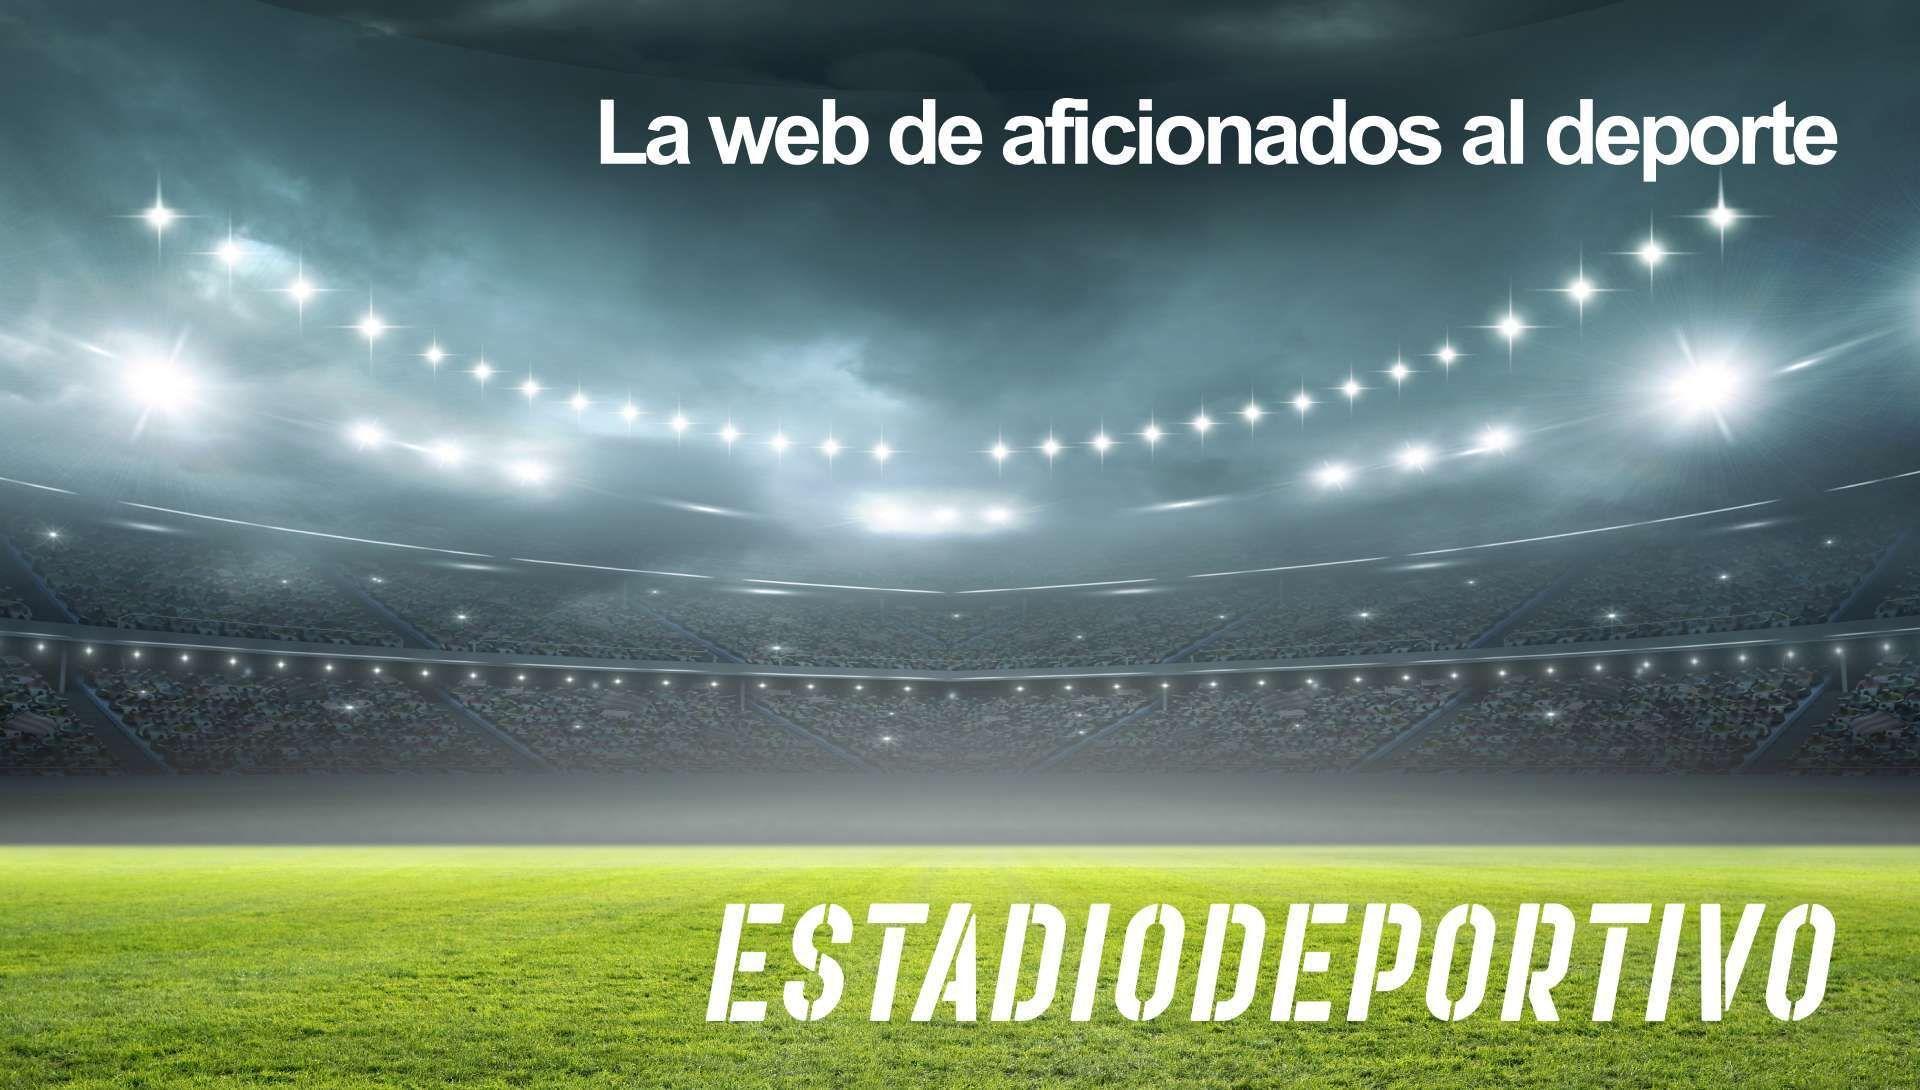 Adiós al Vicente Calderón